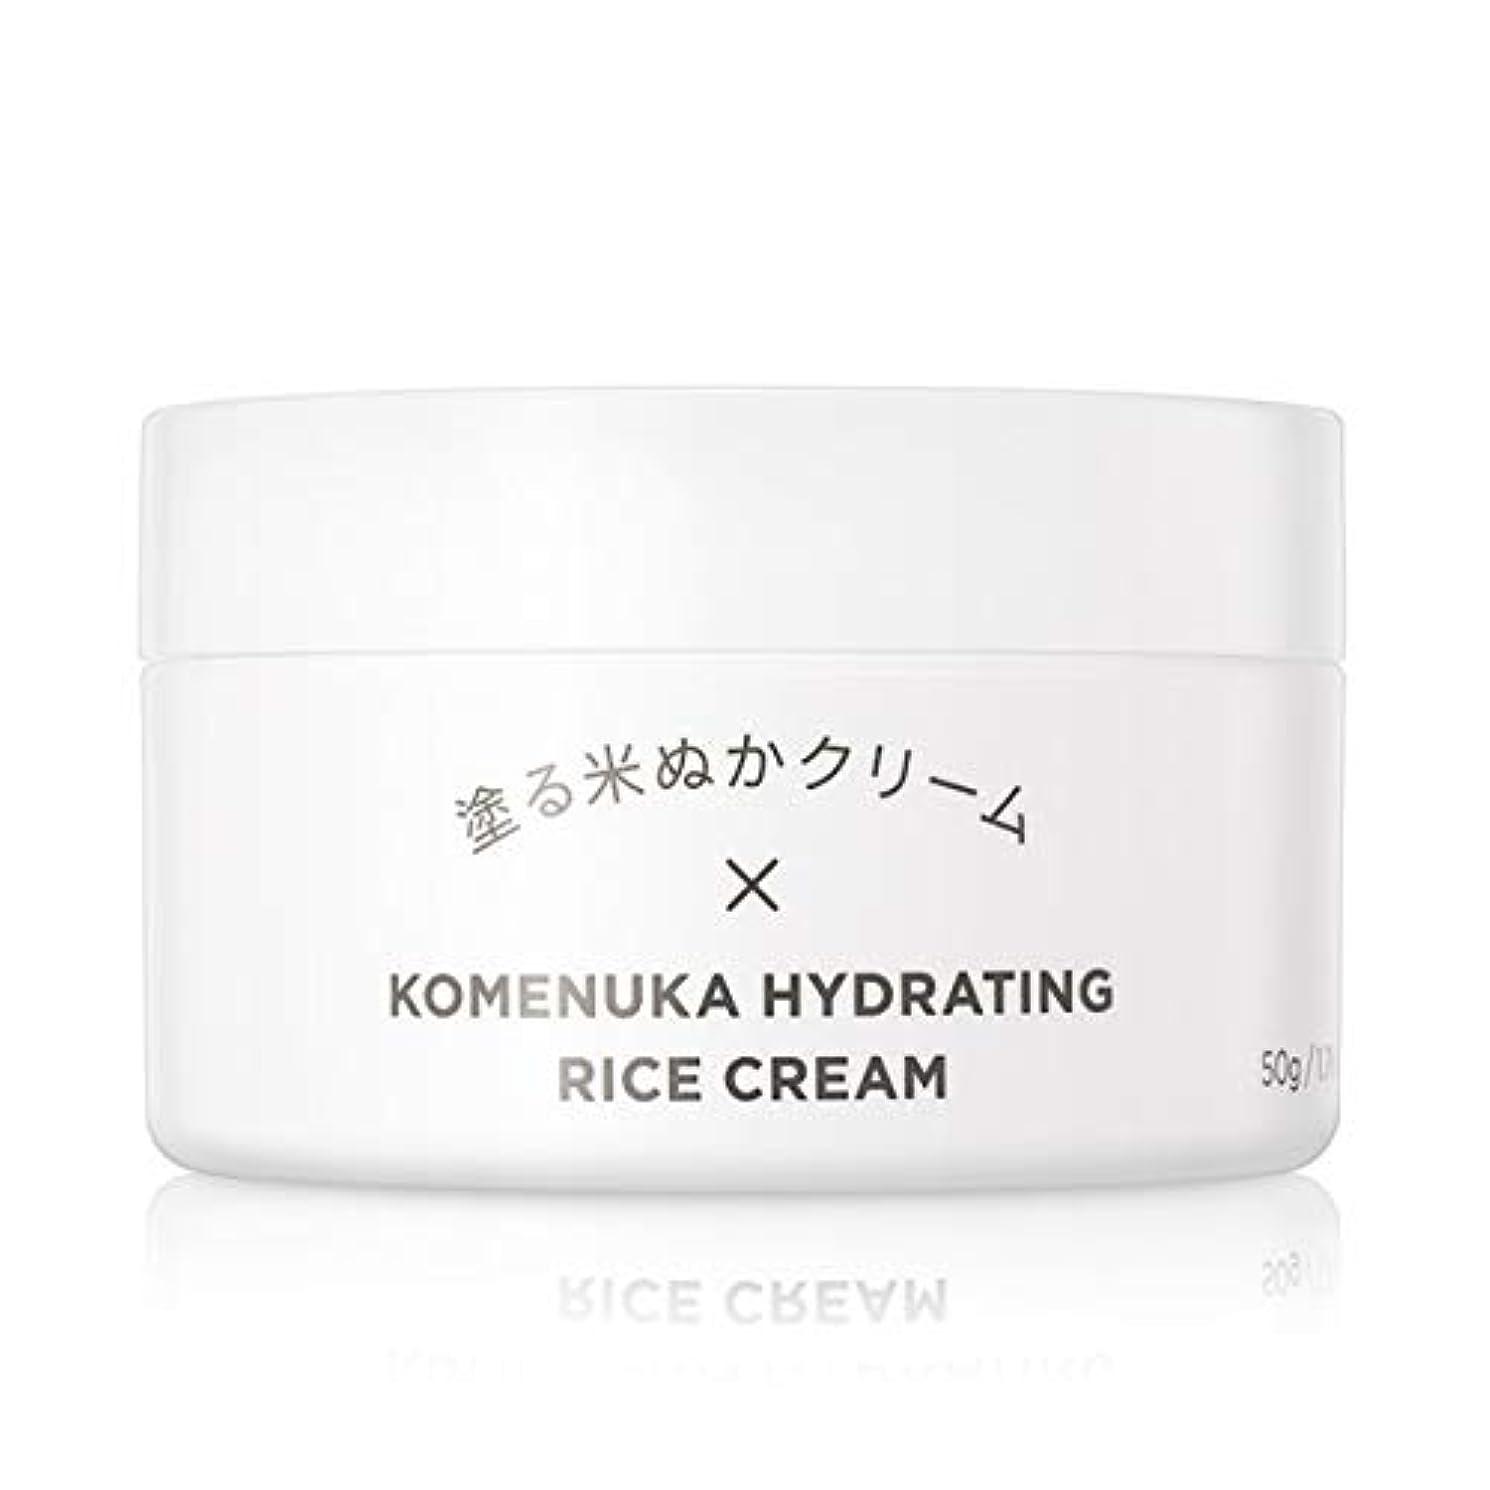 夜明けオークランド快適米一途 塗る米ぬかクリーム スキンケア 無添加 クリーム 50g